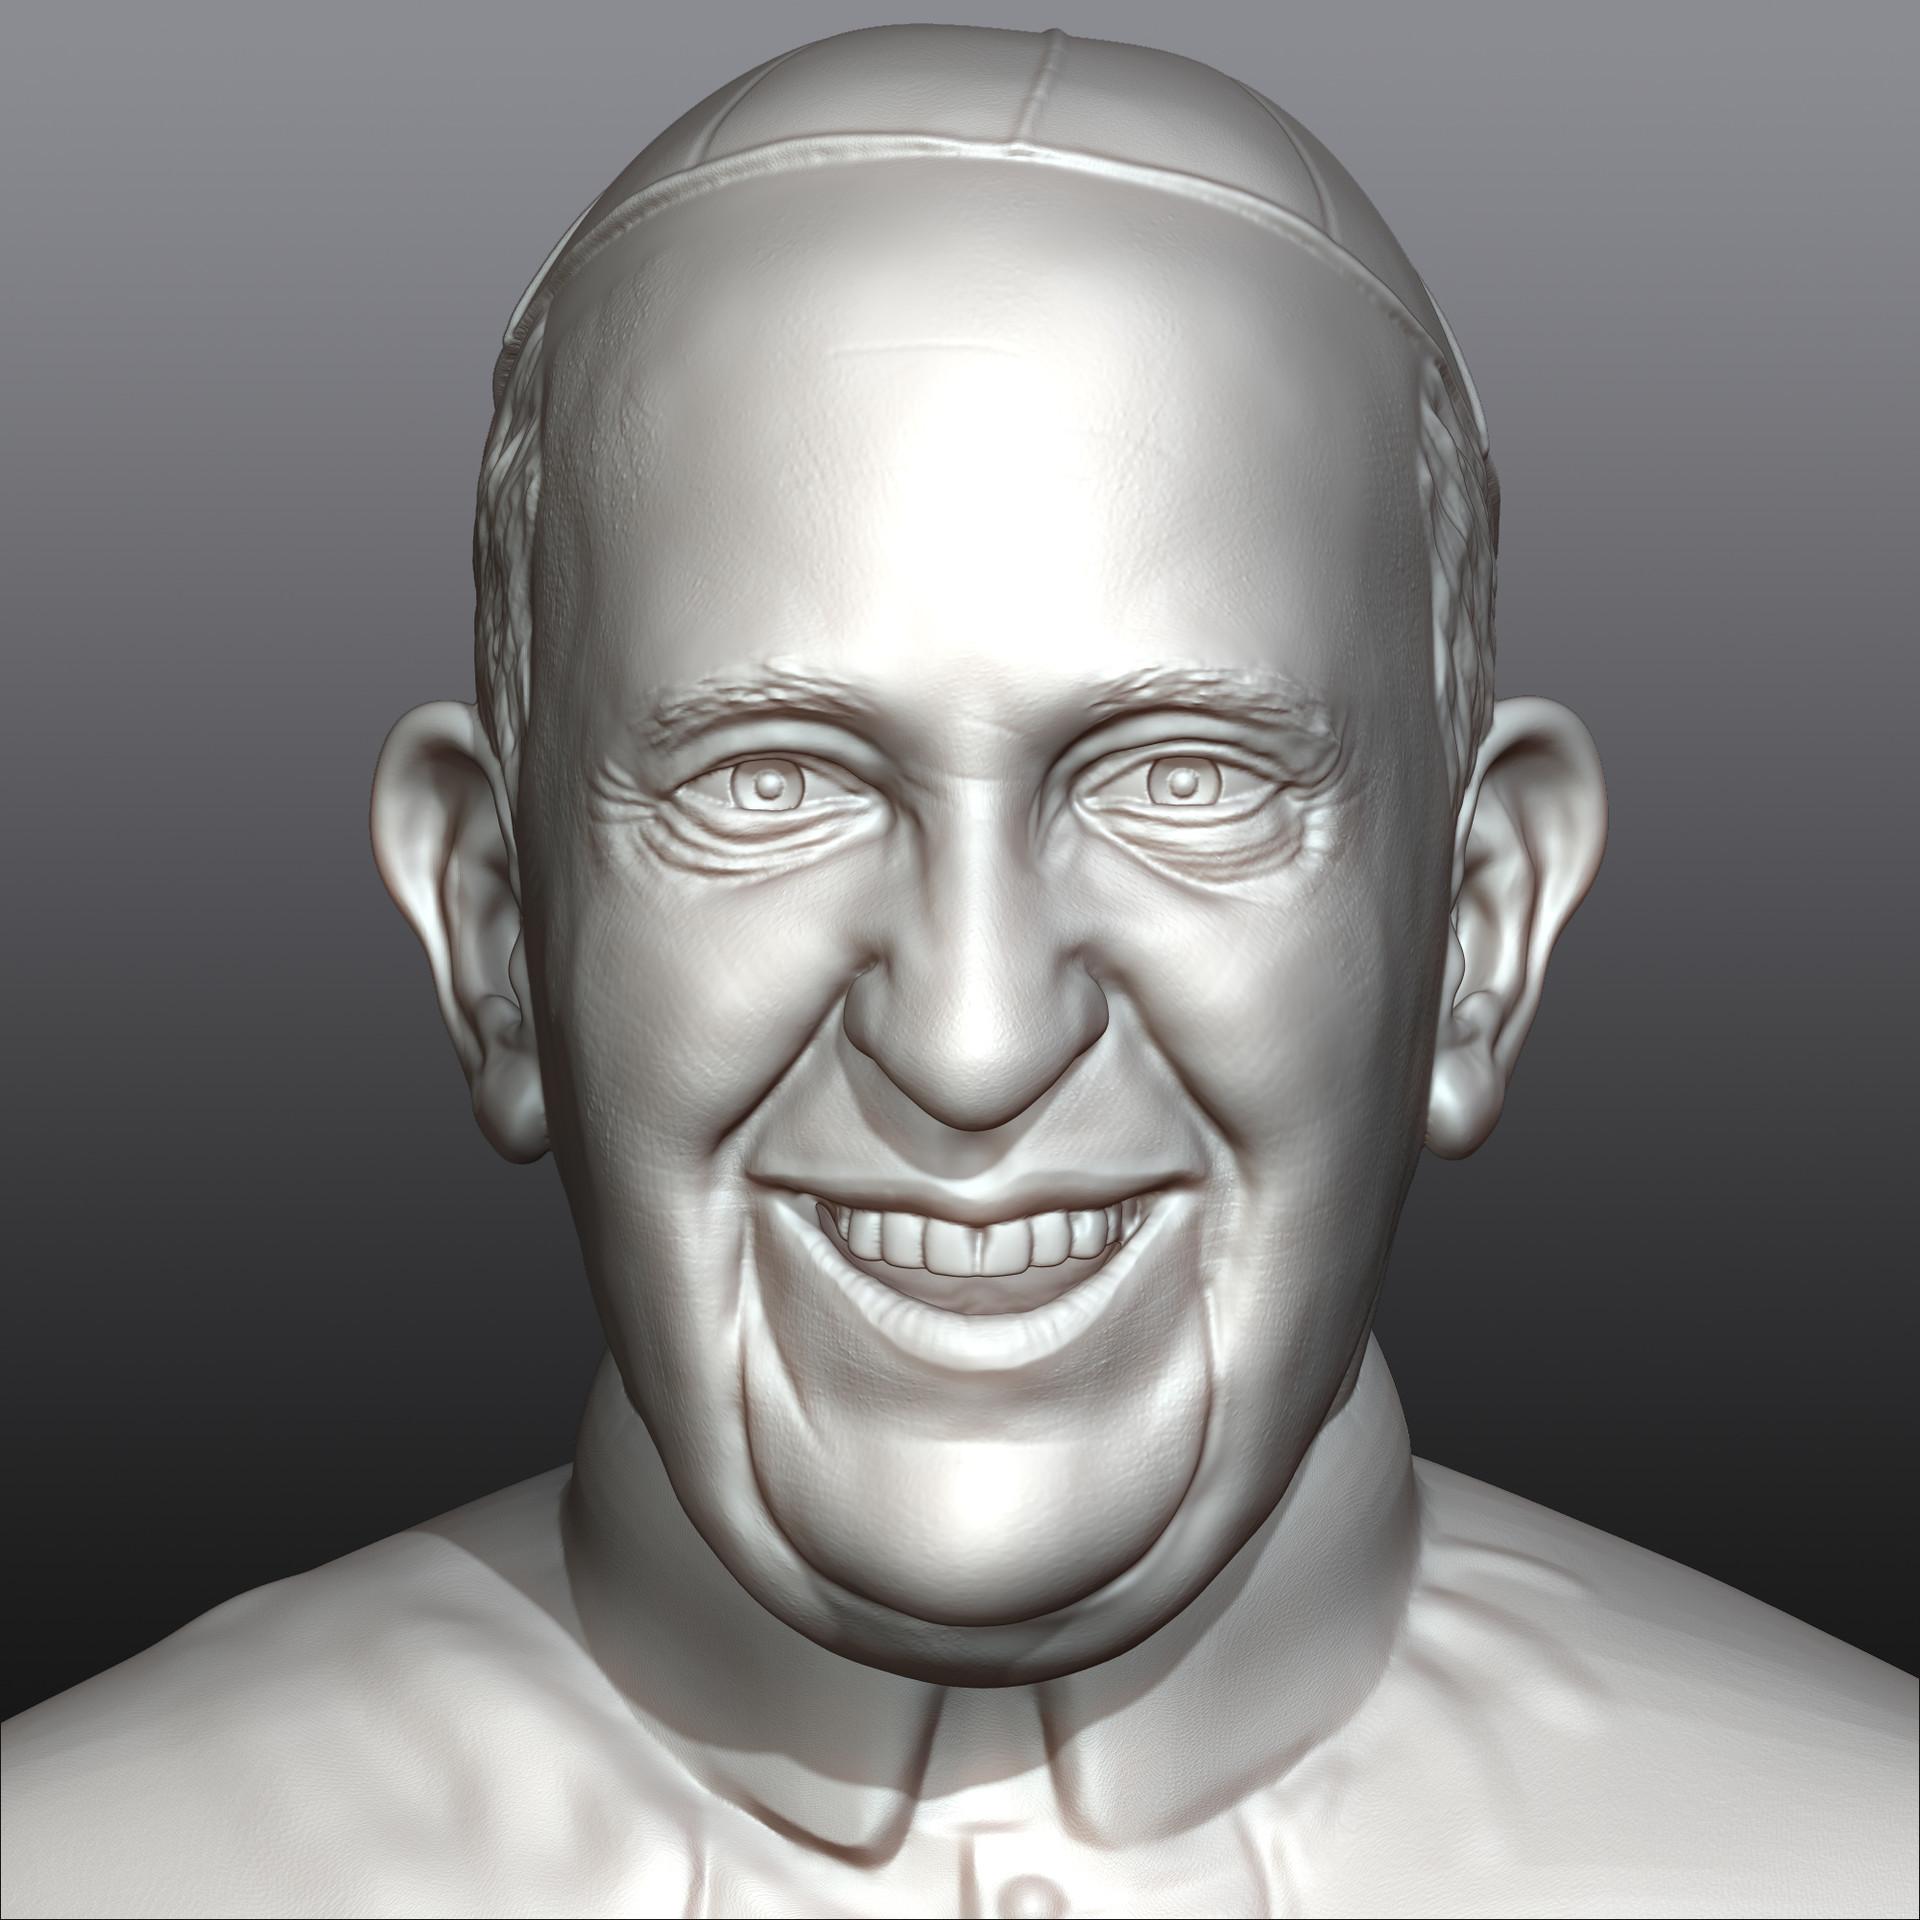 Tomislav veg pope francis face